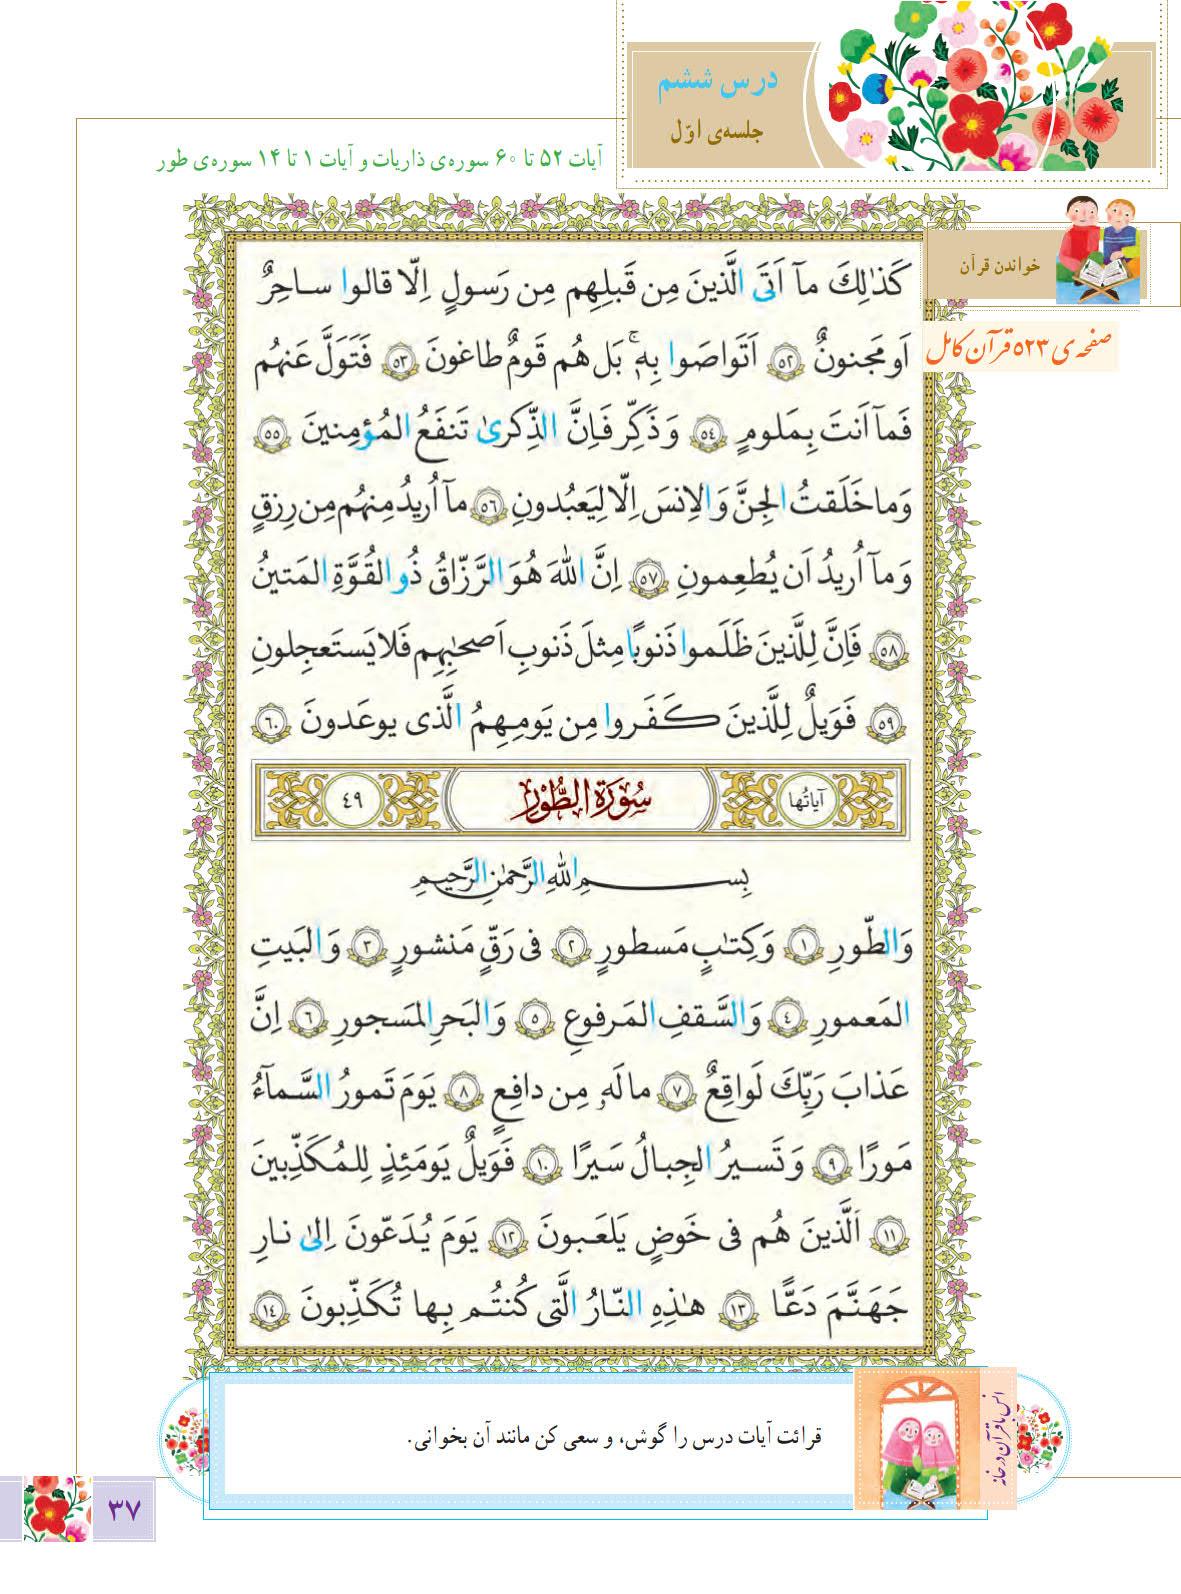 درس ششم آموزش قرآن پایه ششم - کلاس اینترنتی ما -صفحه 37 - مومکا - momeka.ir (1)